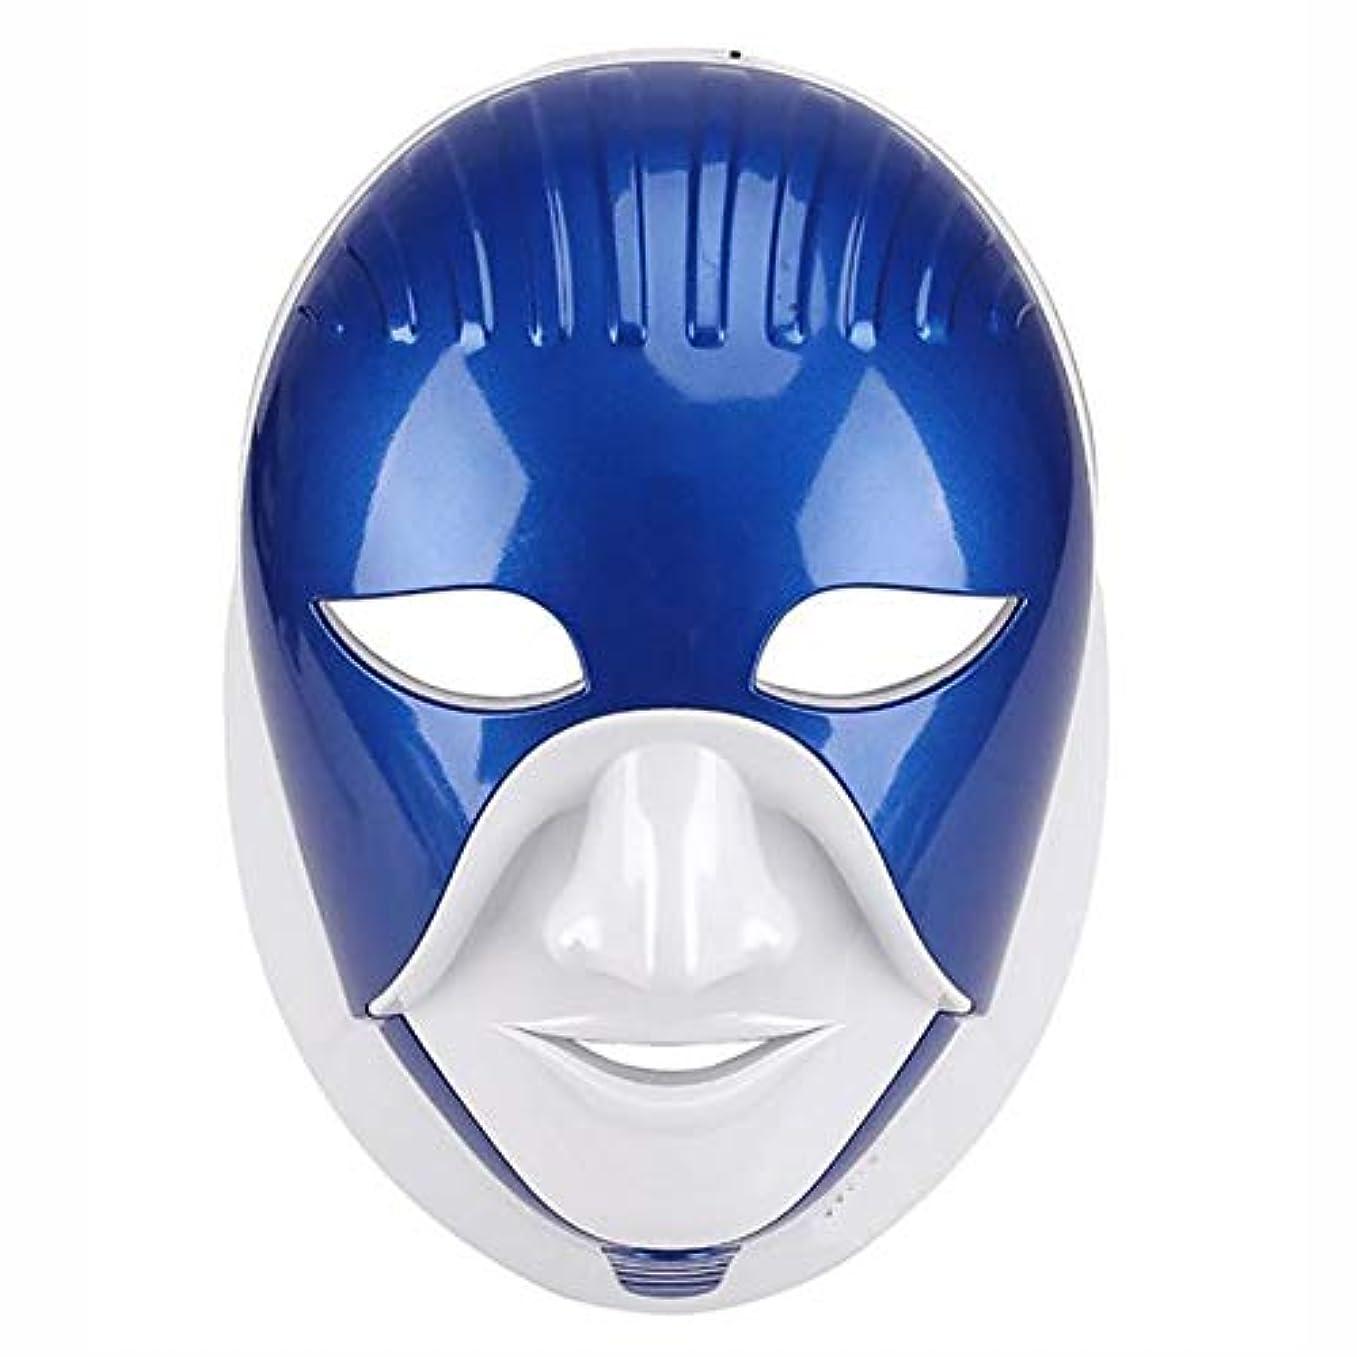 中台風バズLEDフェイスマスク治療マスク充電式7色Ledフェイシャルマスクスキンケアの顔の首のケア、CE承認(アルミボックス),ブルー